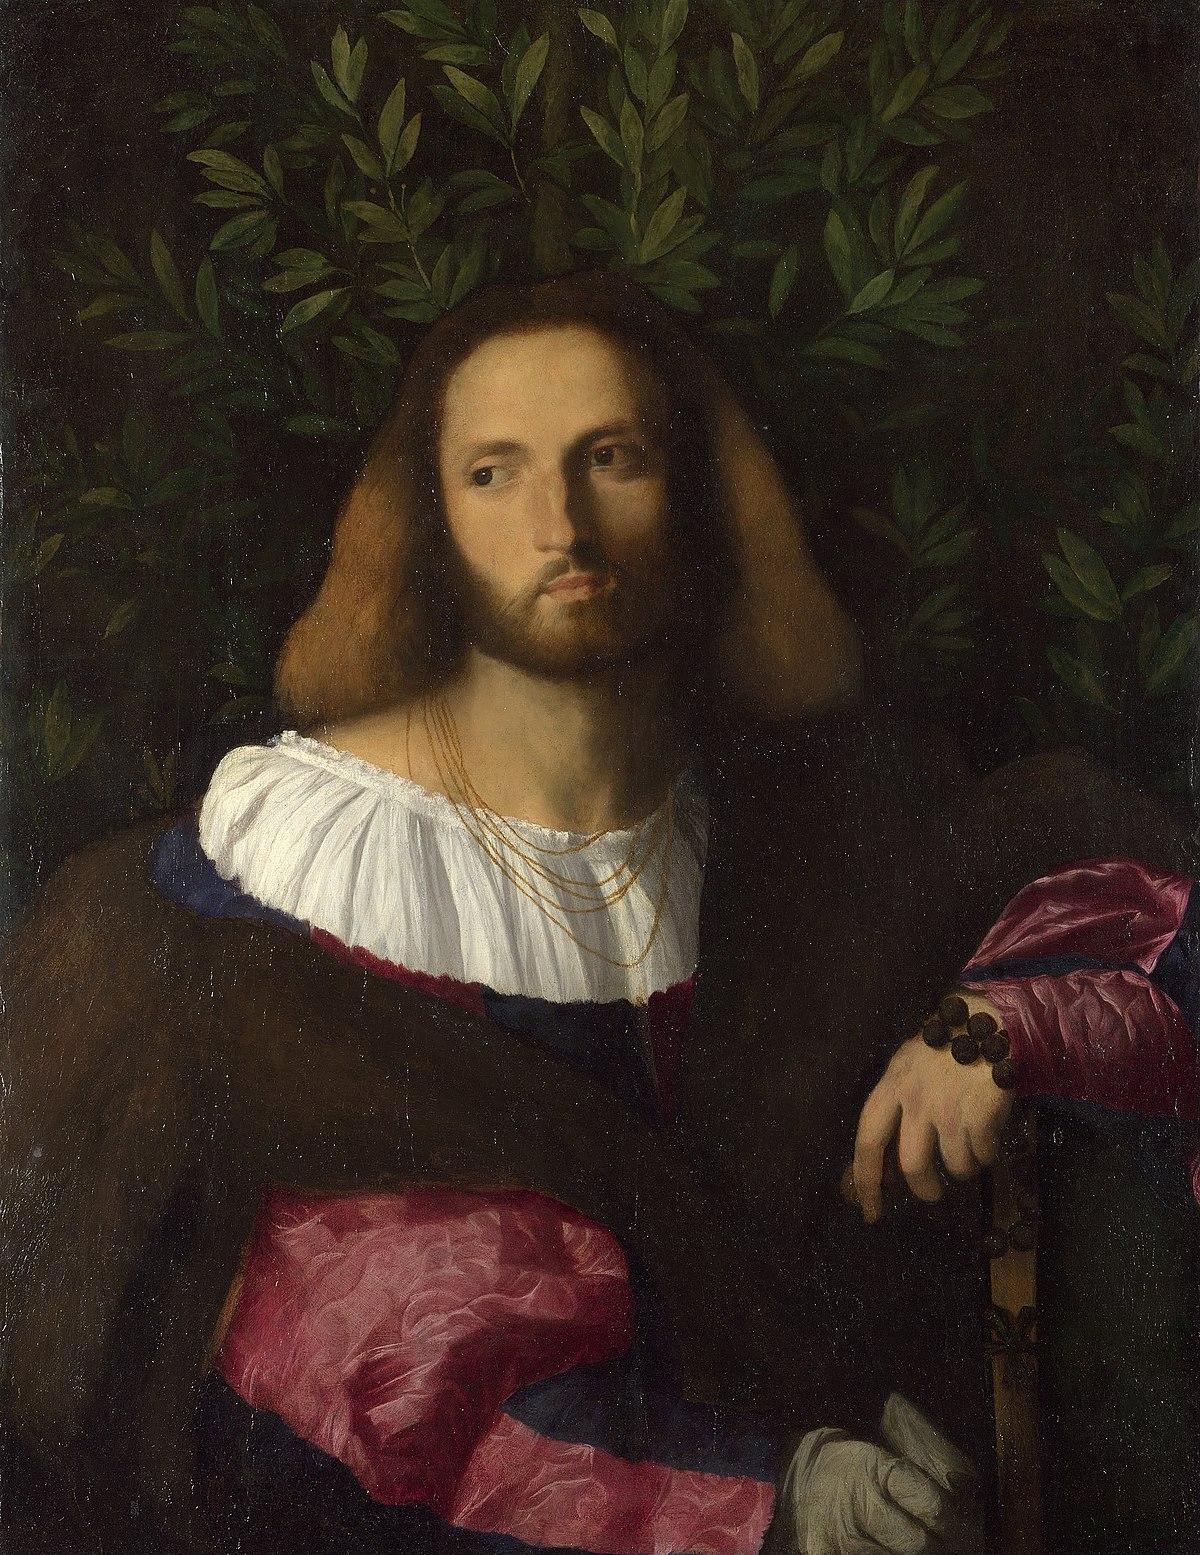 Giuditta Del Vecchio